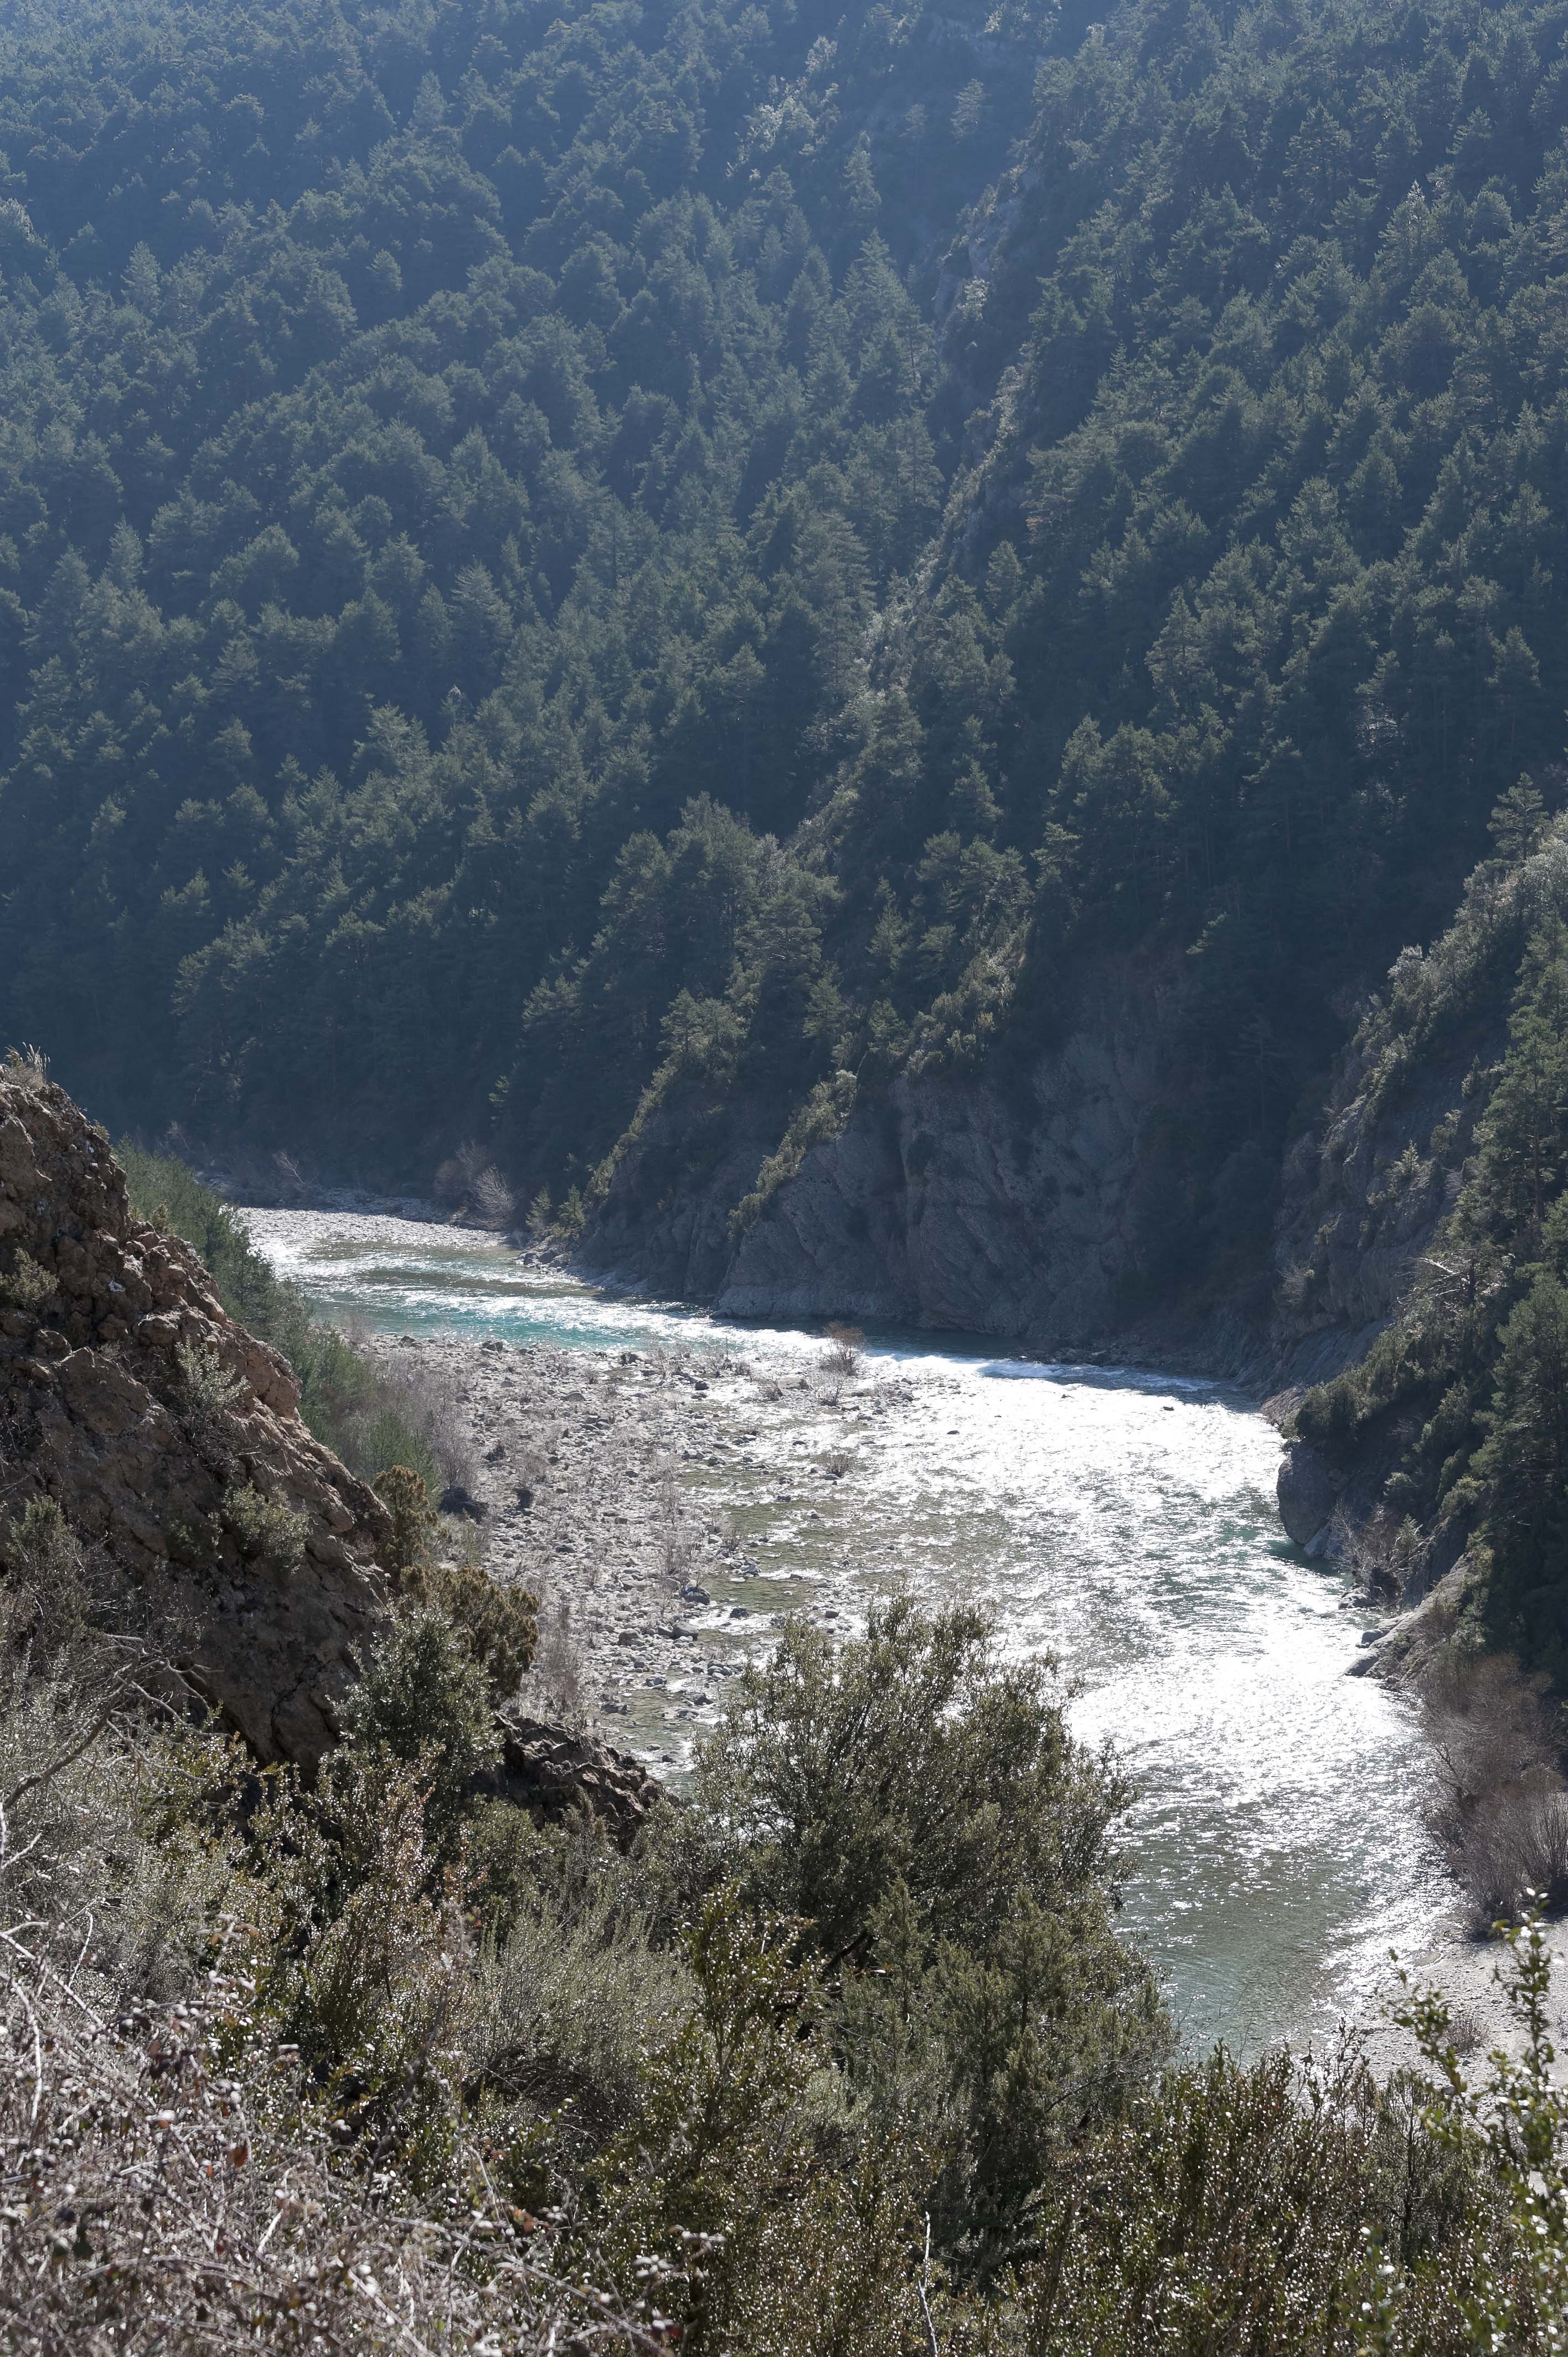 5717_Gorges de Janovas (Sobrarbe Aragon)